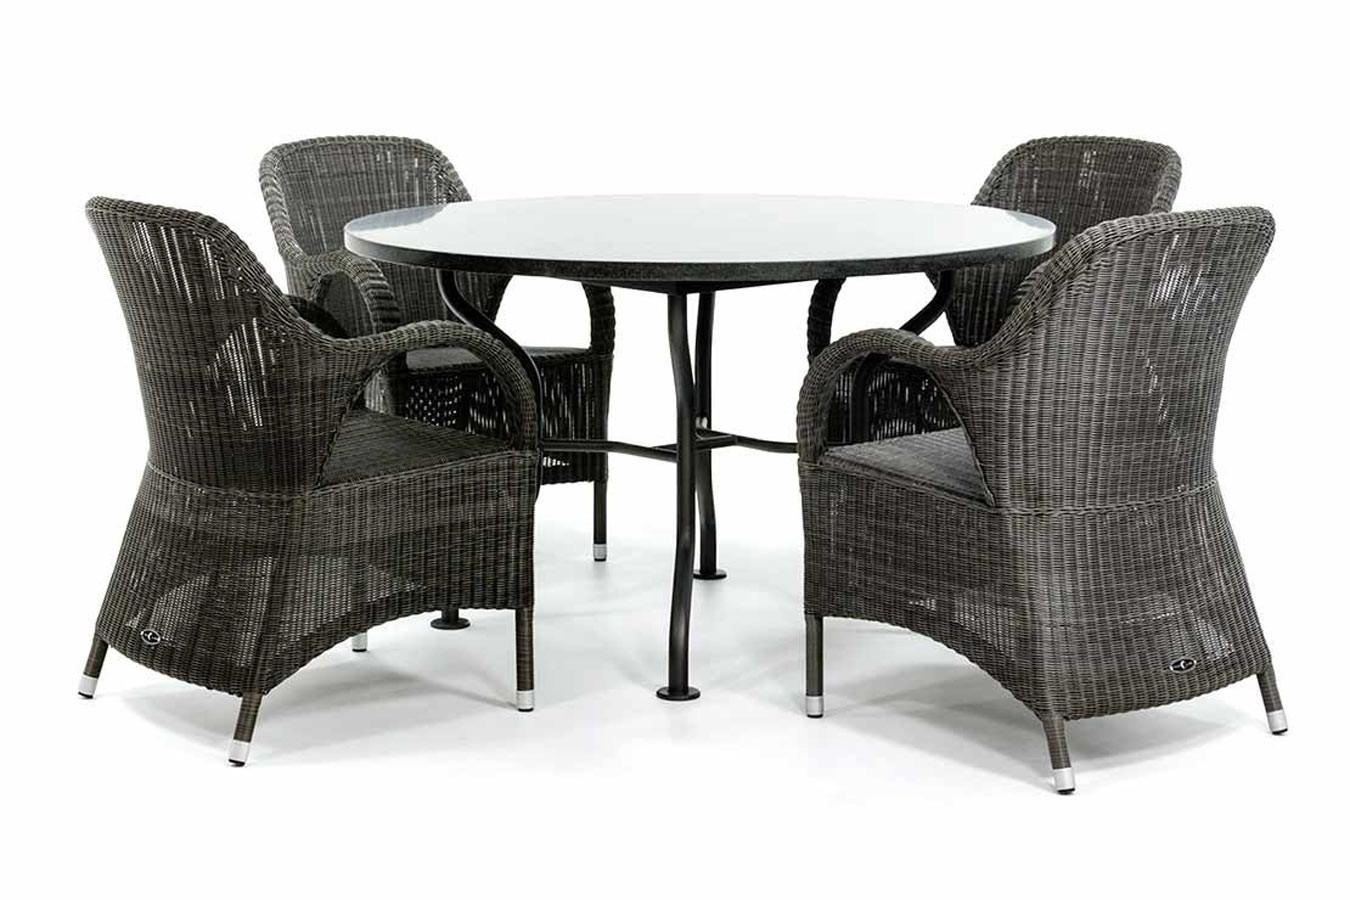 Runder Gartentisch aus Granit mit Stühlen